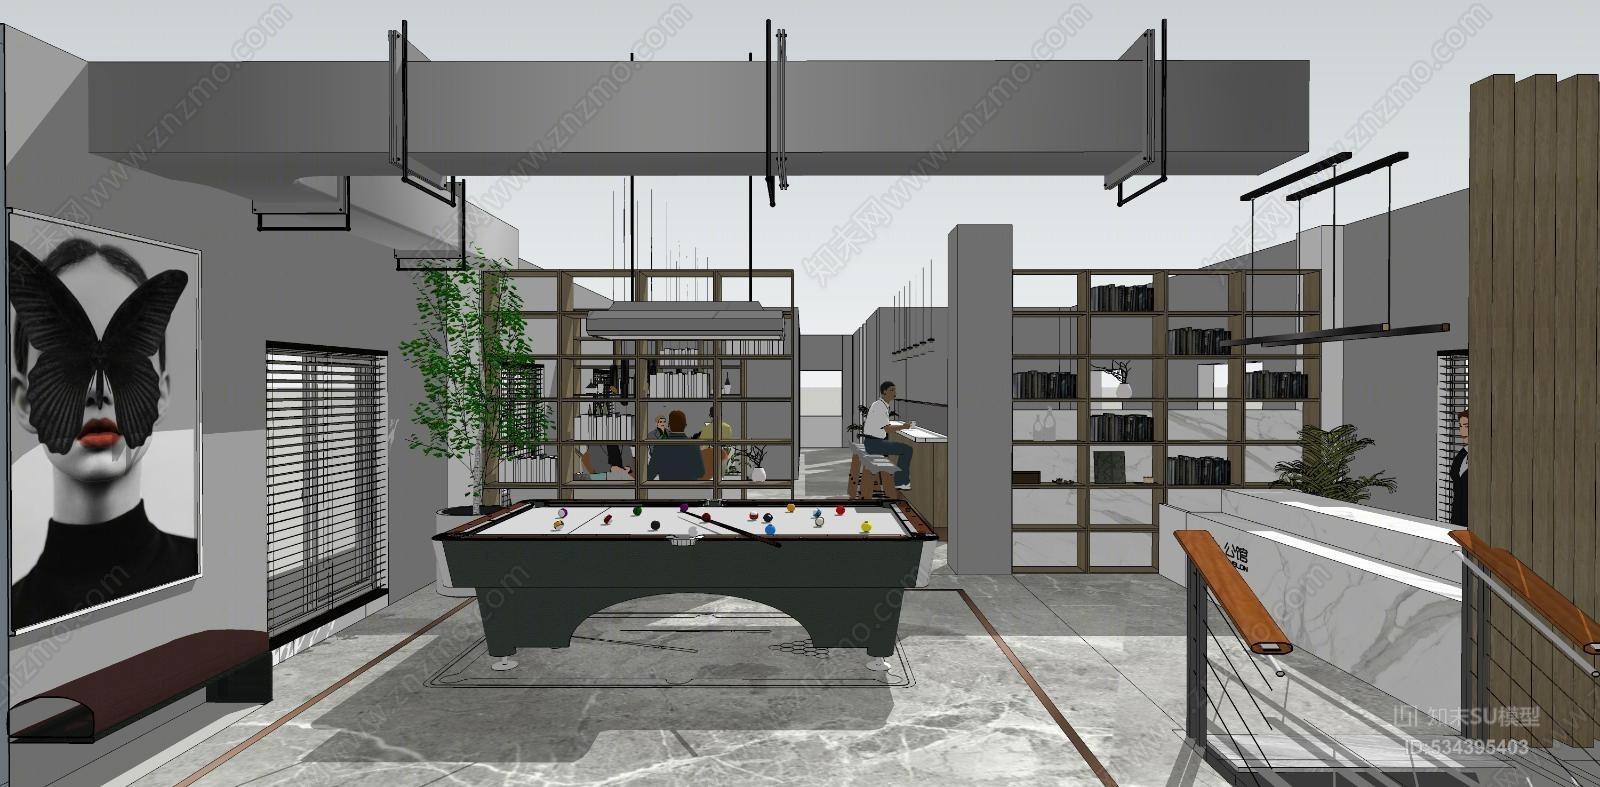 现代轻奢工业风LOFT桌球台球室